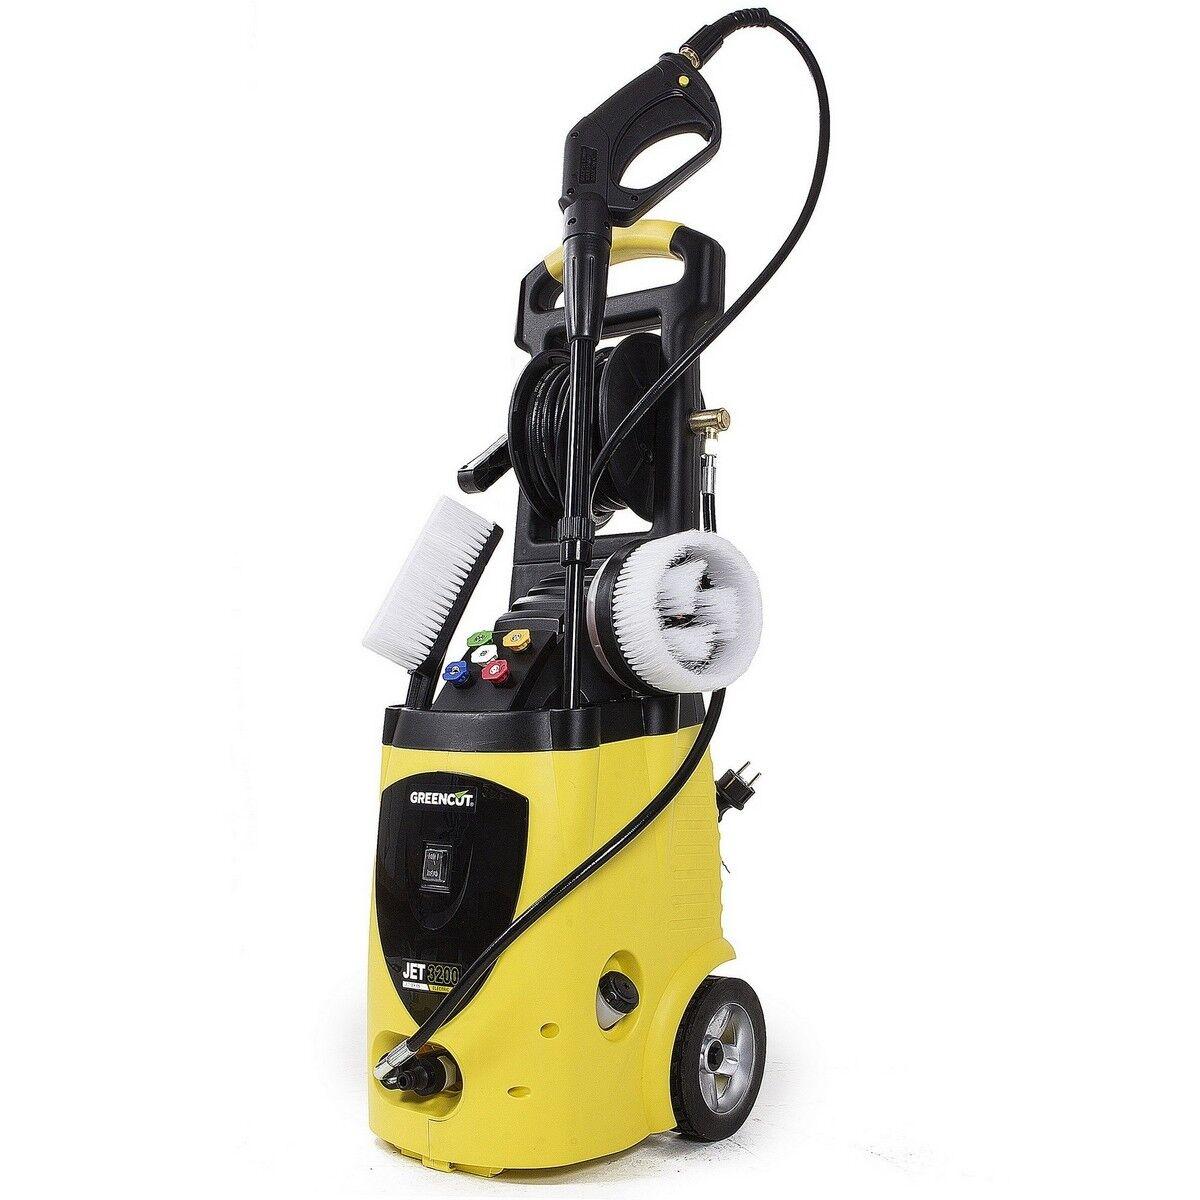 Nettoyeur haute pression électrique pour la maison 220 bar -GREENCUT s-l1600